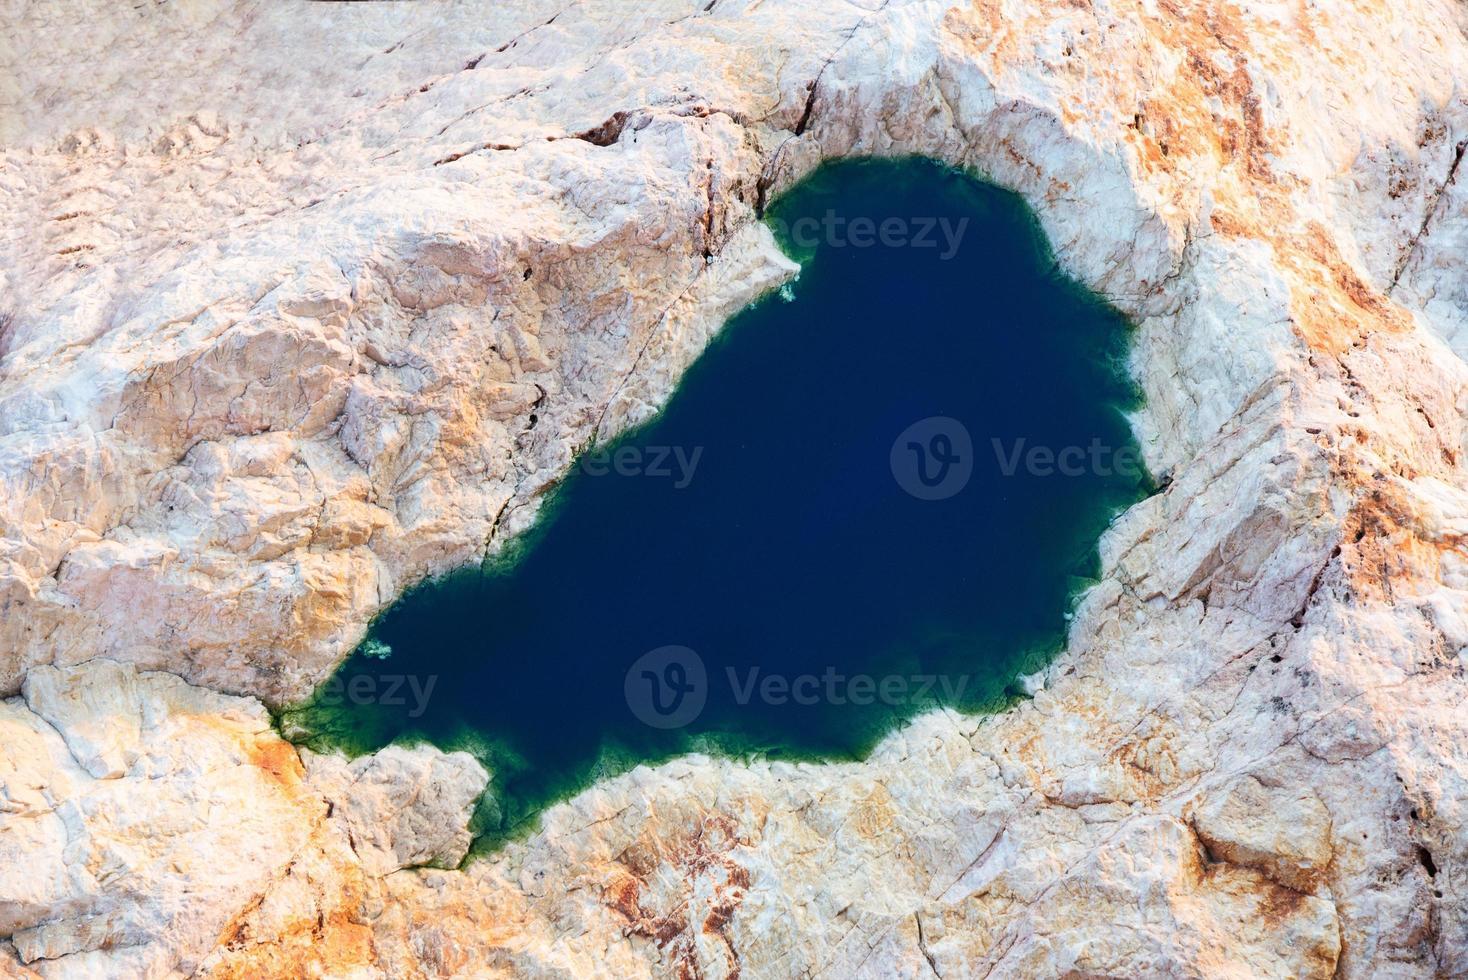 lago en zona rocosa foto